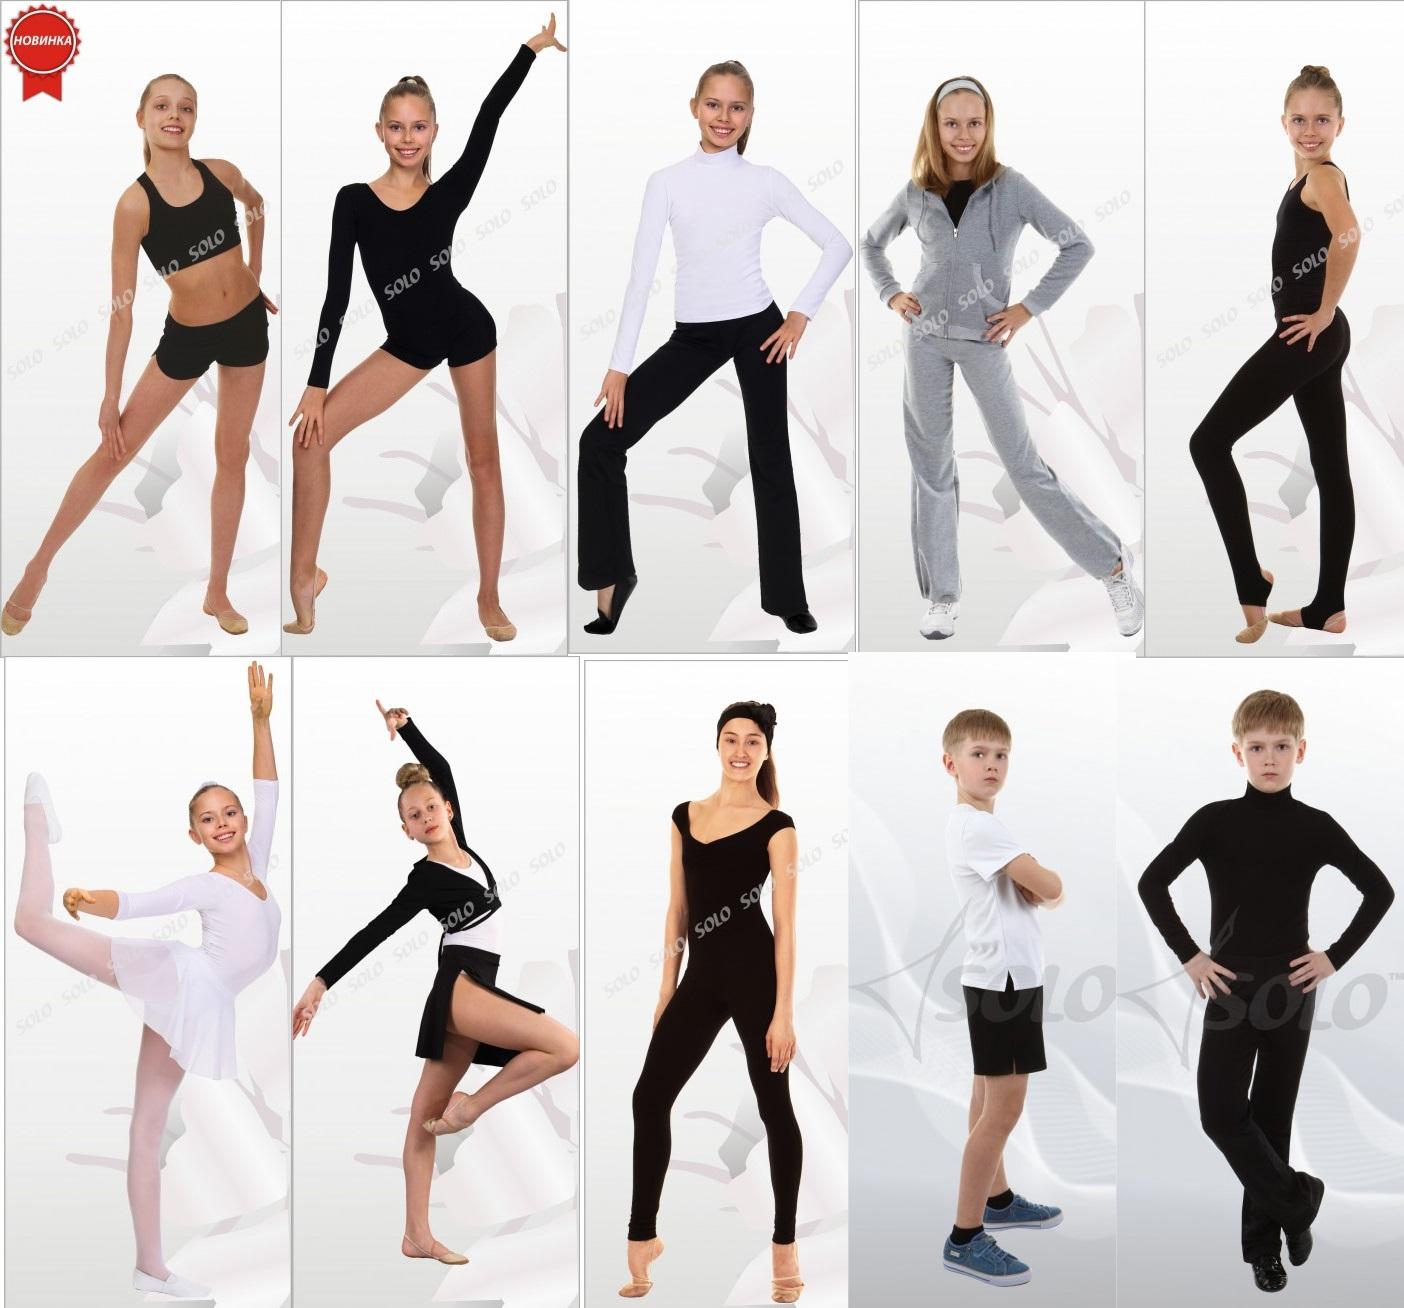 Спортивная одежда - 25. Одежда для гимнастики, хореографии и балета. Чехлы на предметы для гимнастики. Размерный ряд с 28 по 50. Без рядов!